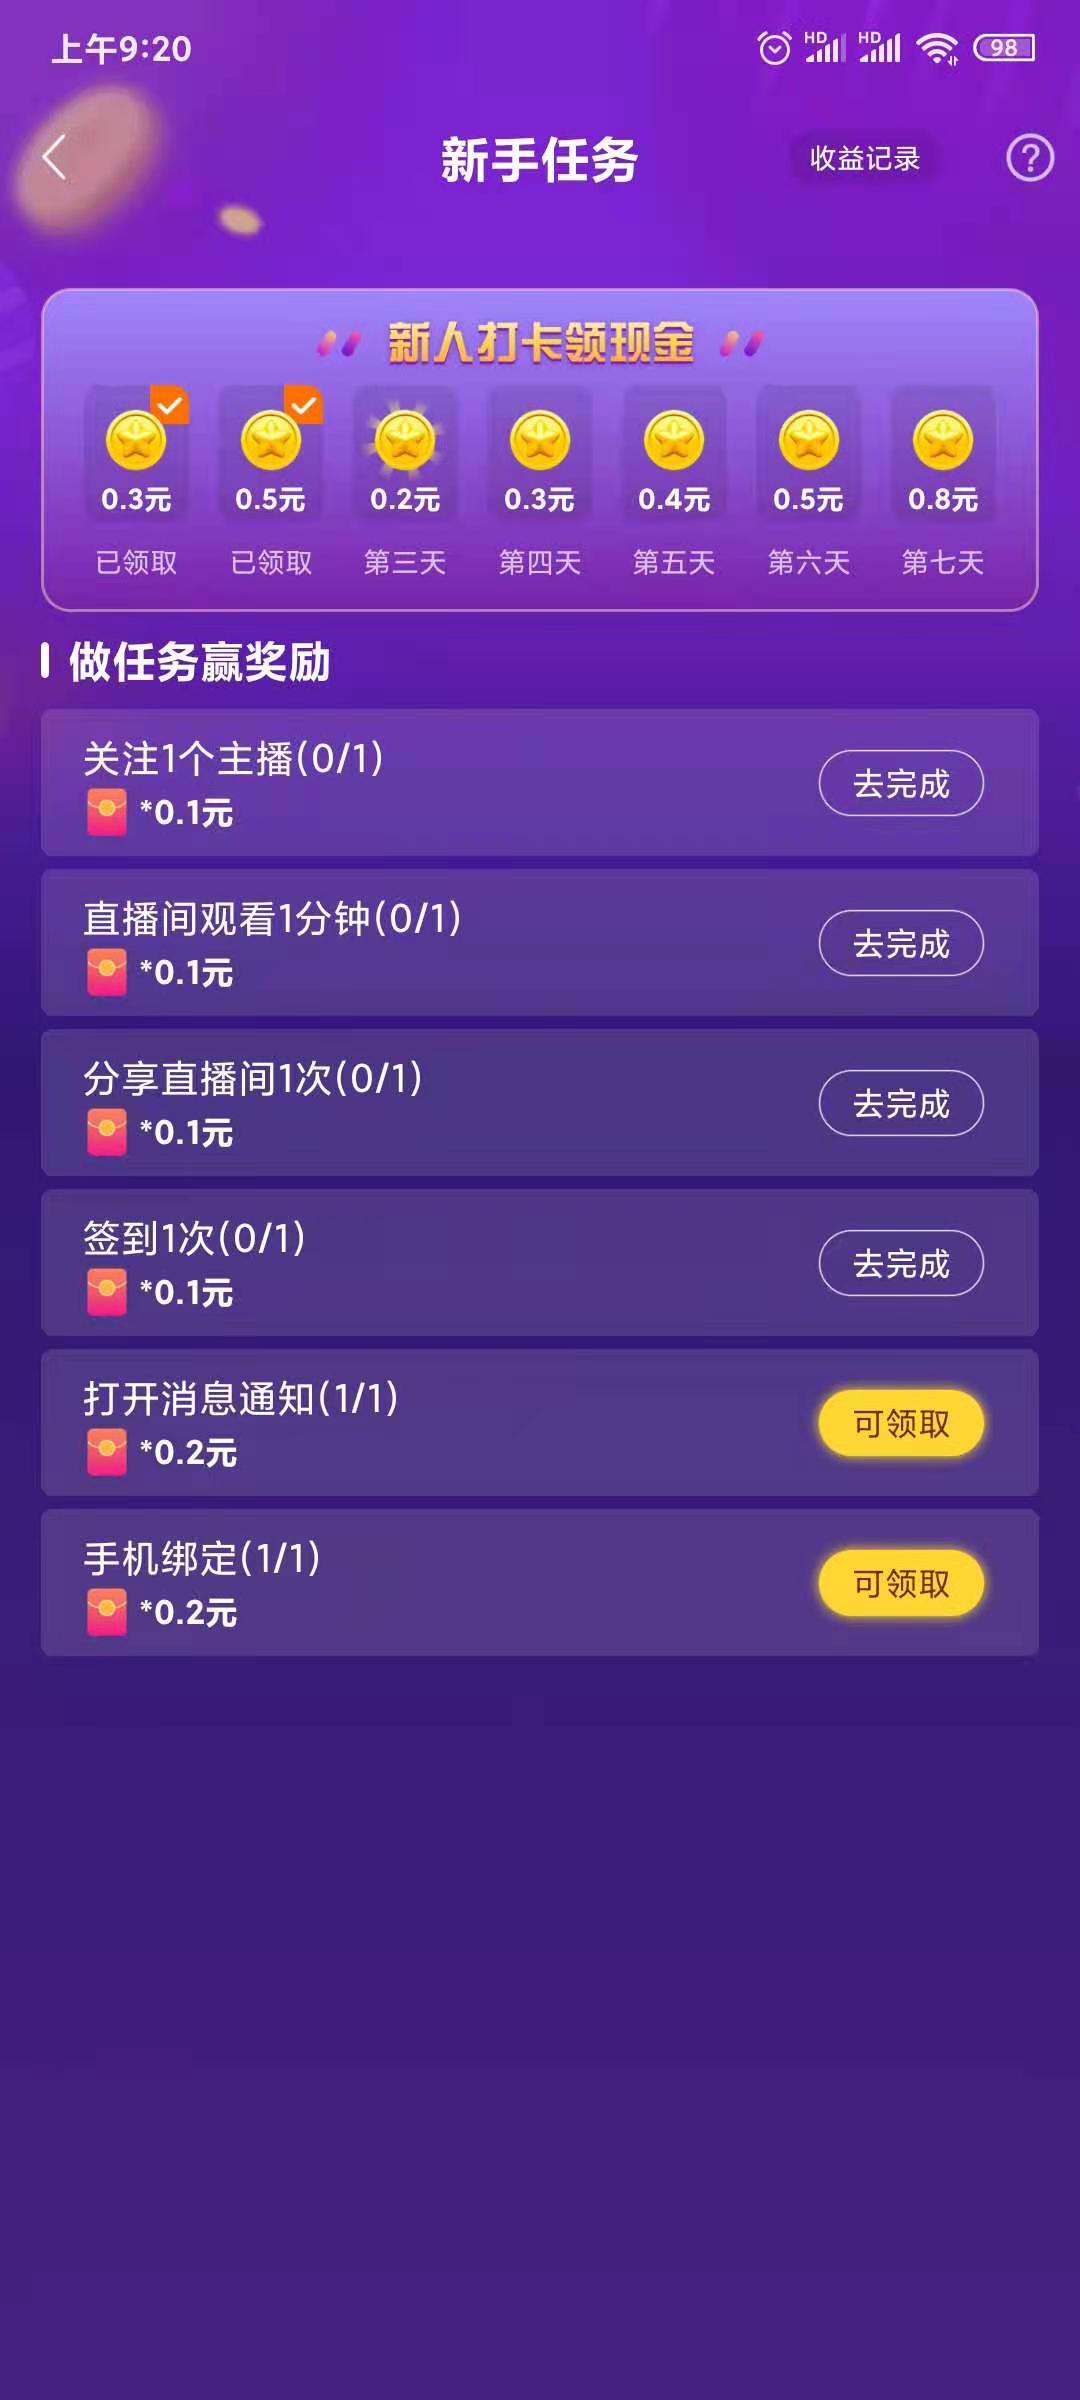 羚萌直播app苹果版